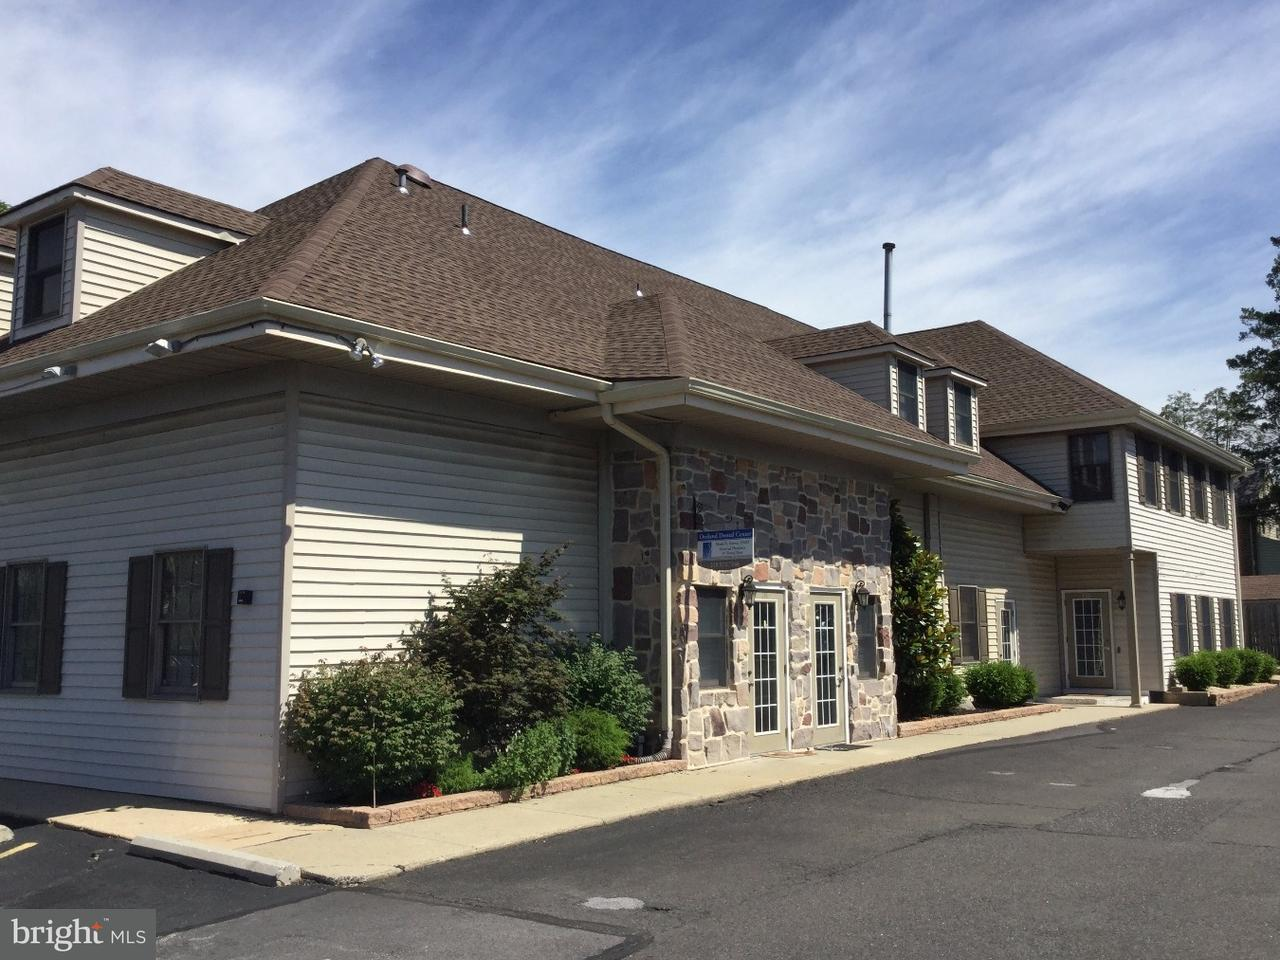 Single Family Home for Sale at 222 E PENNSYLVANIA AVE #B Oreland, Pennsylvania 19075 United States